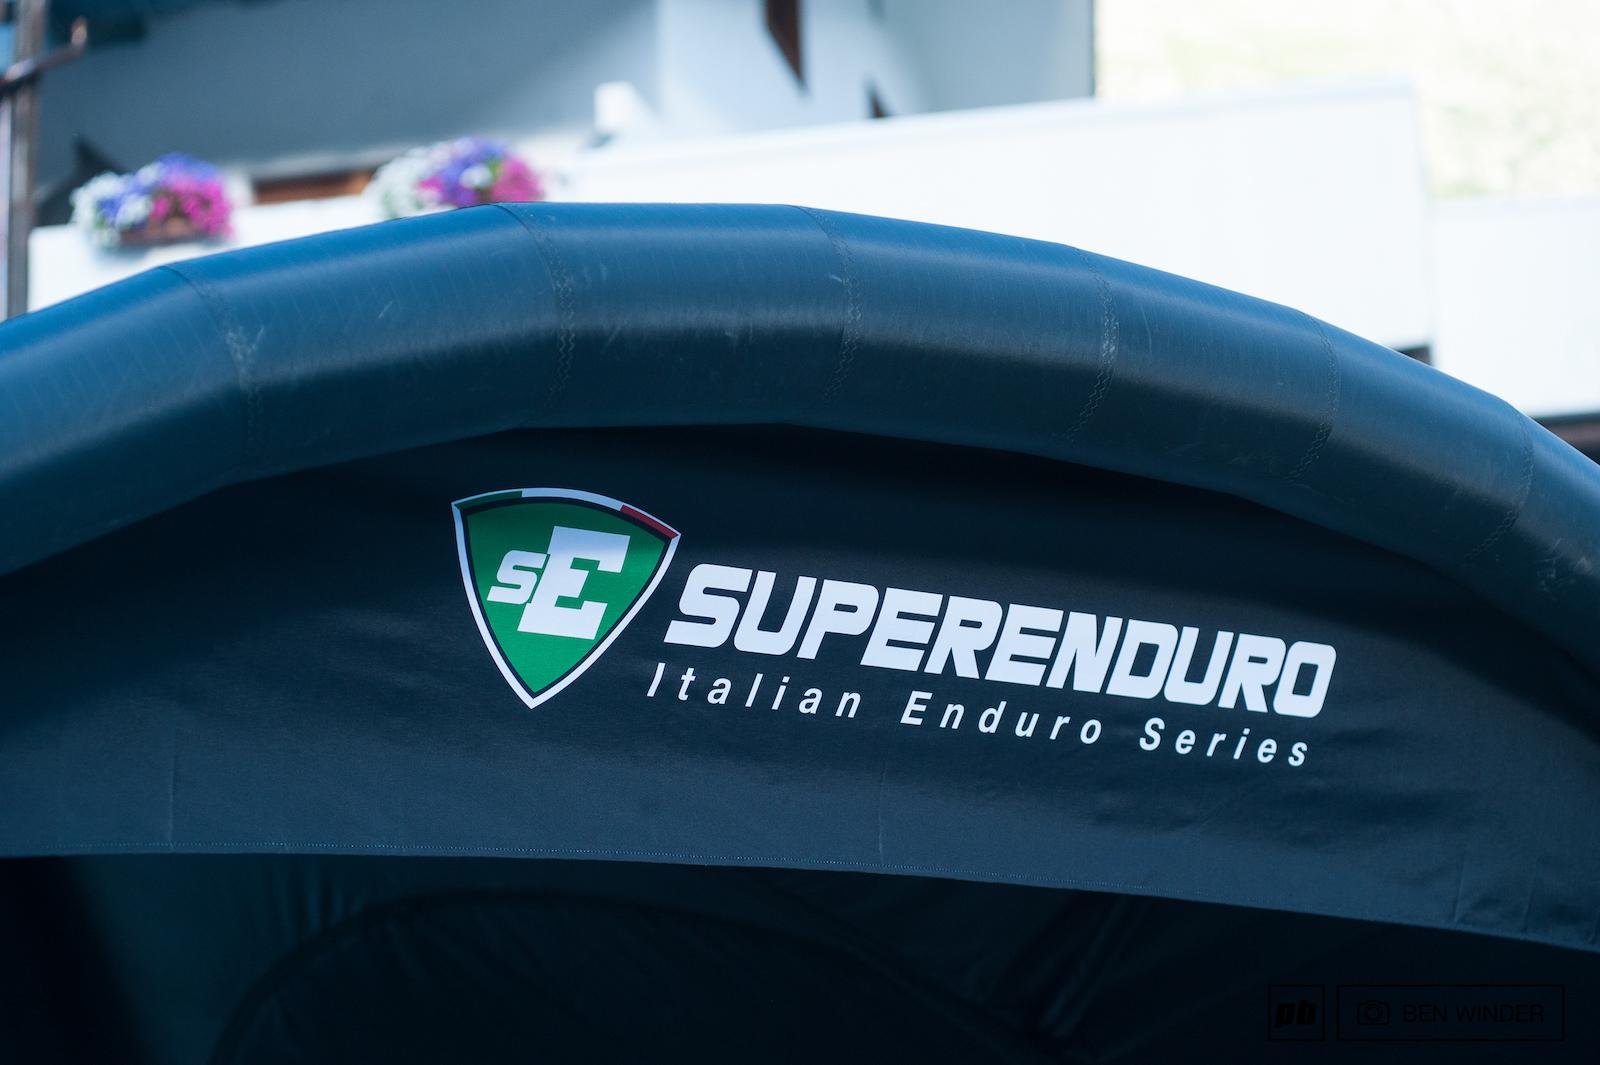 Superenduro 2017 Round 3 - La Thuile Day 1